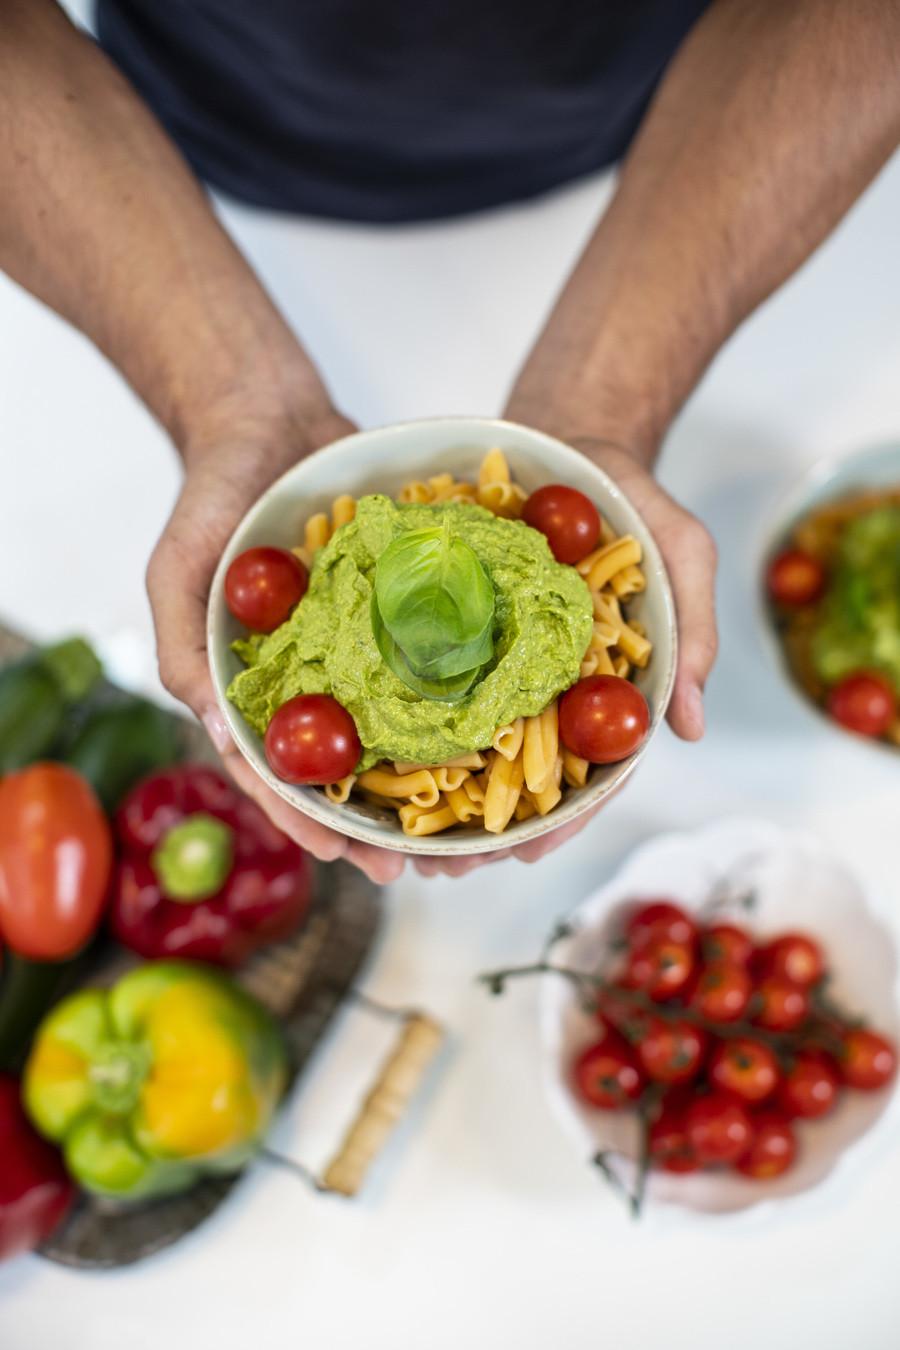 Pesto de Abacate Rico em Proteínas